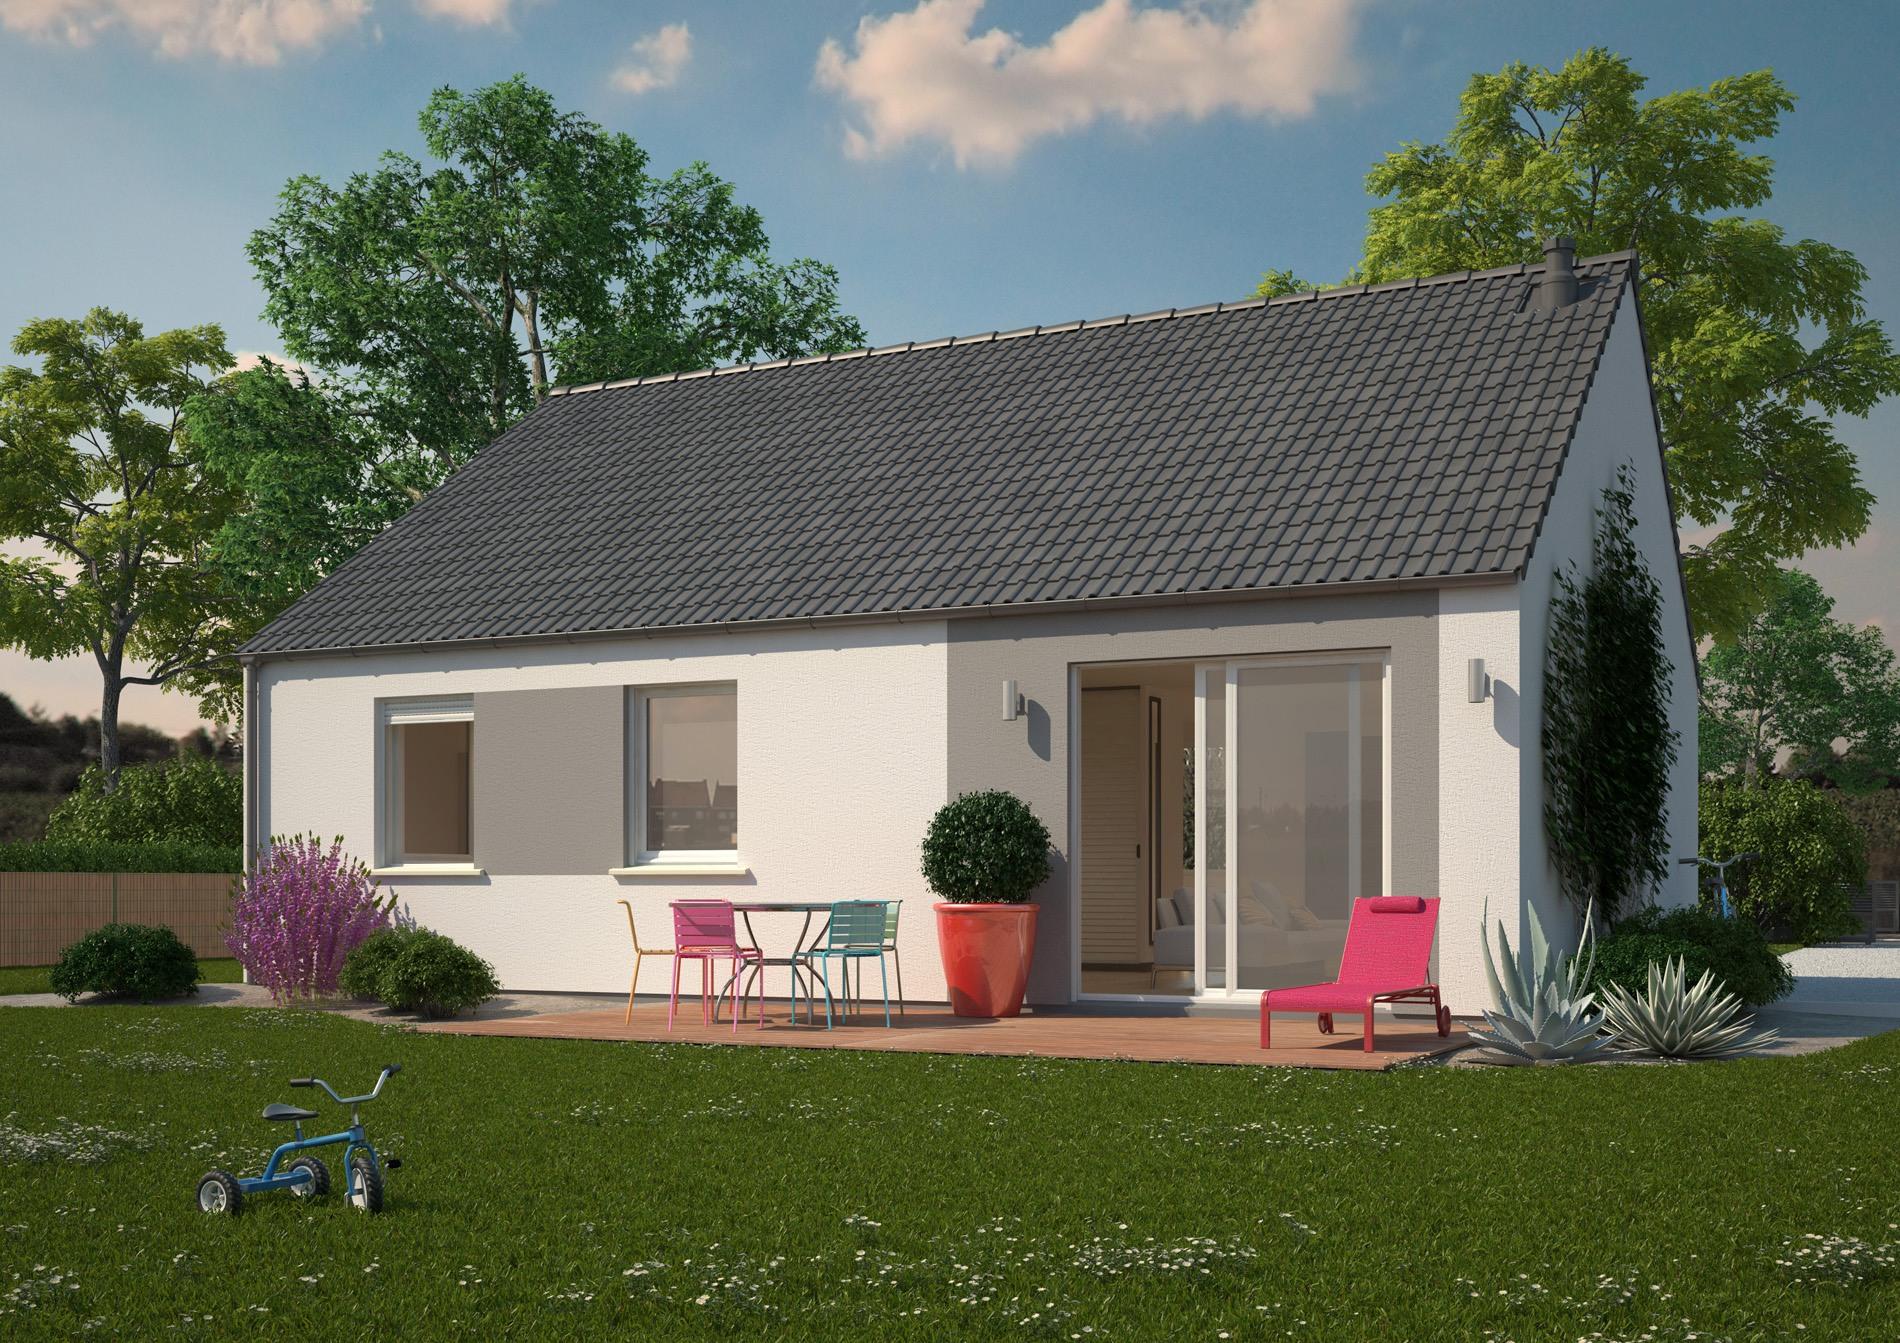 Maison pas cher a construire maison 4 chambres de 100 m for Modele de maison a construire pas cher